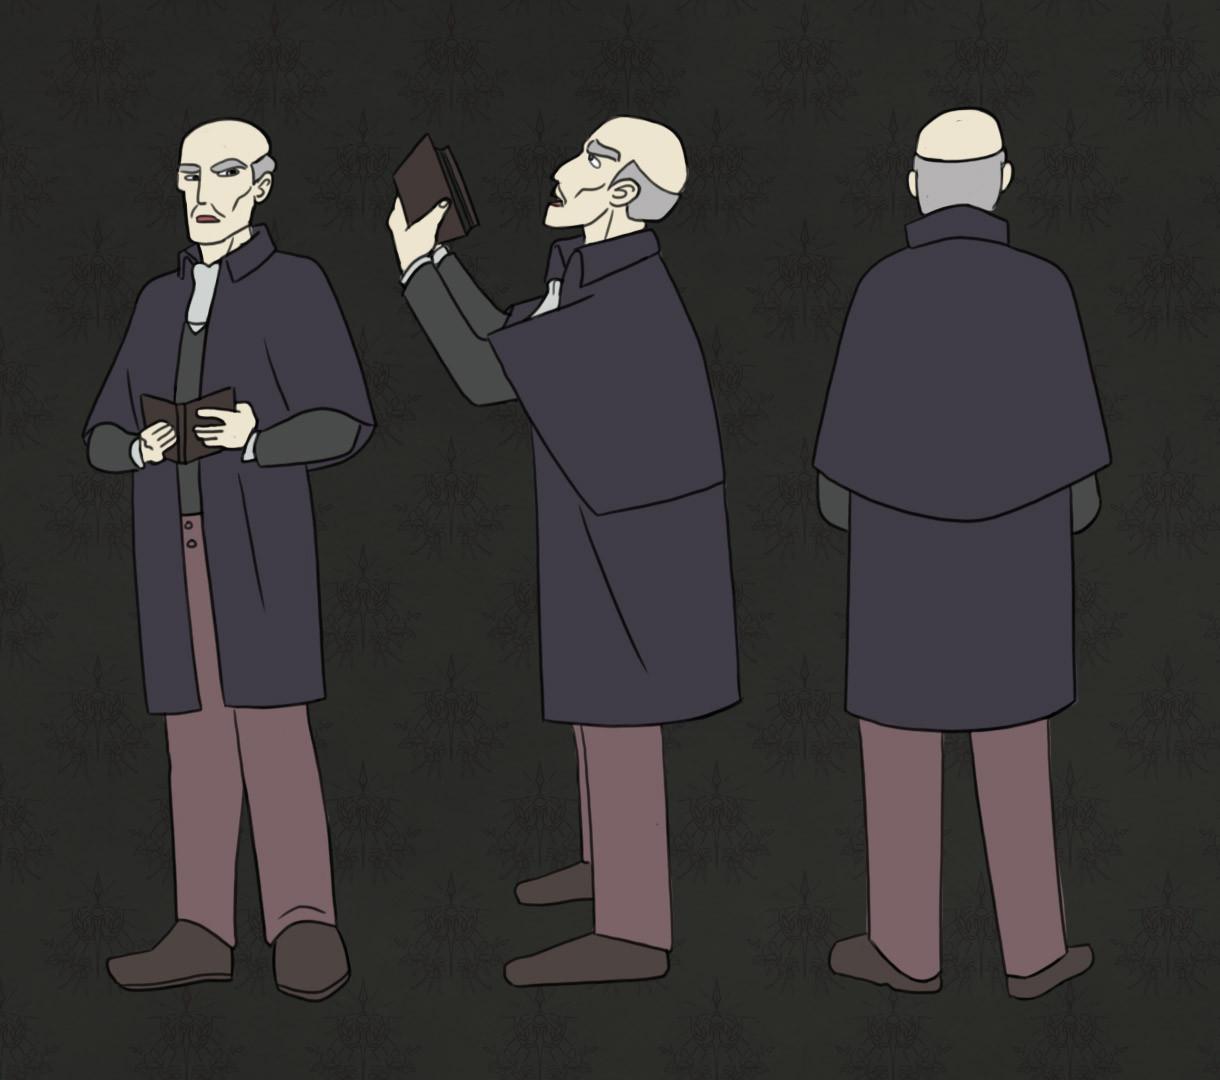 vicar.jpg